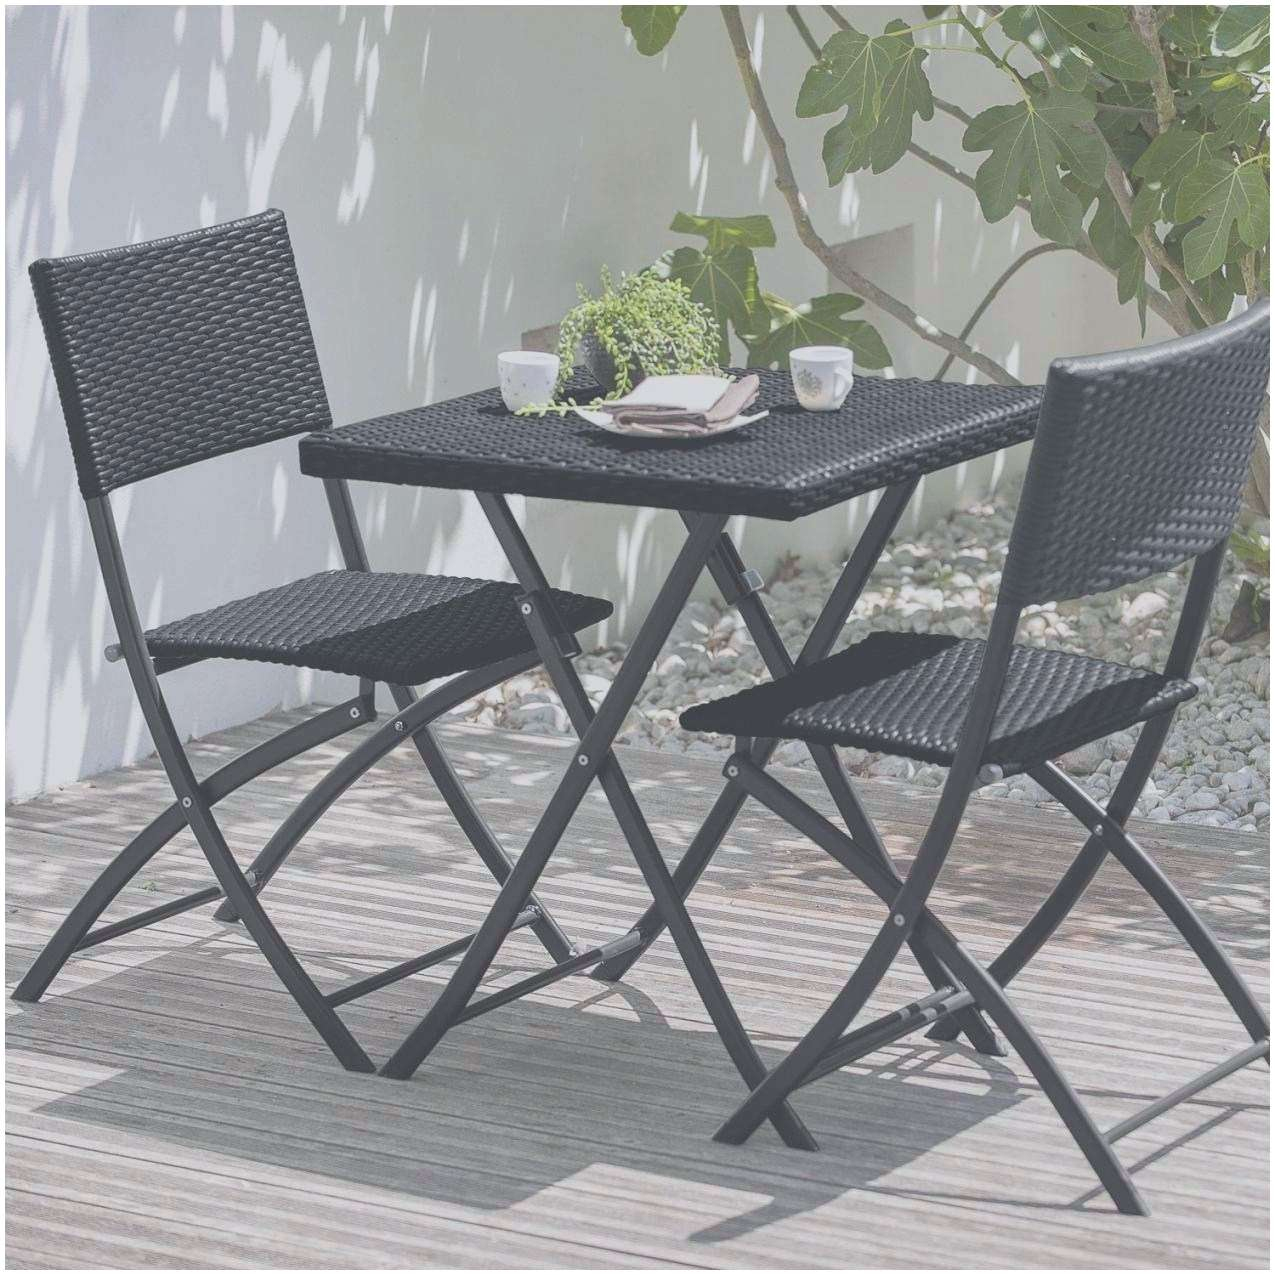 Chaise De Jardin Pliante Pas Cher Inspirant Ensemble Table dedans Table De Jardin Pliante Carrefour